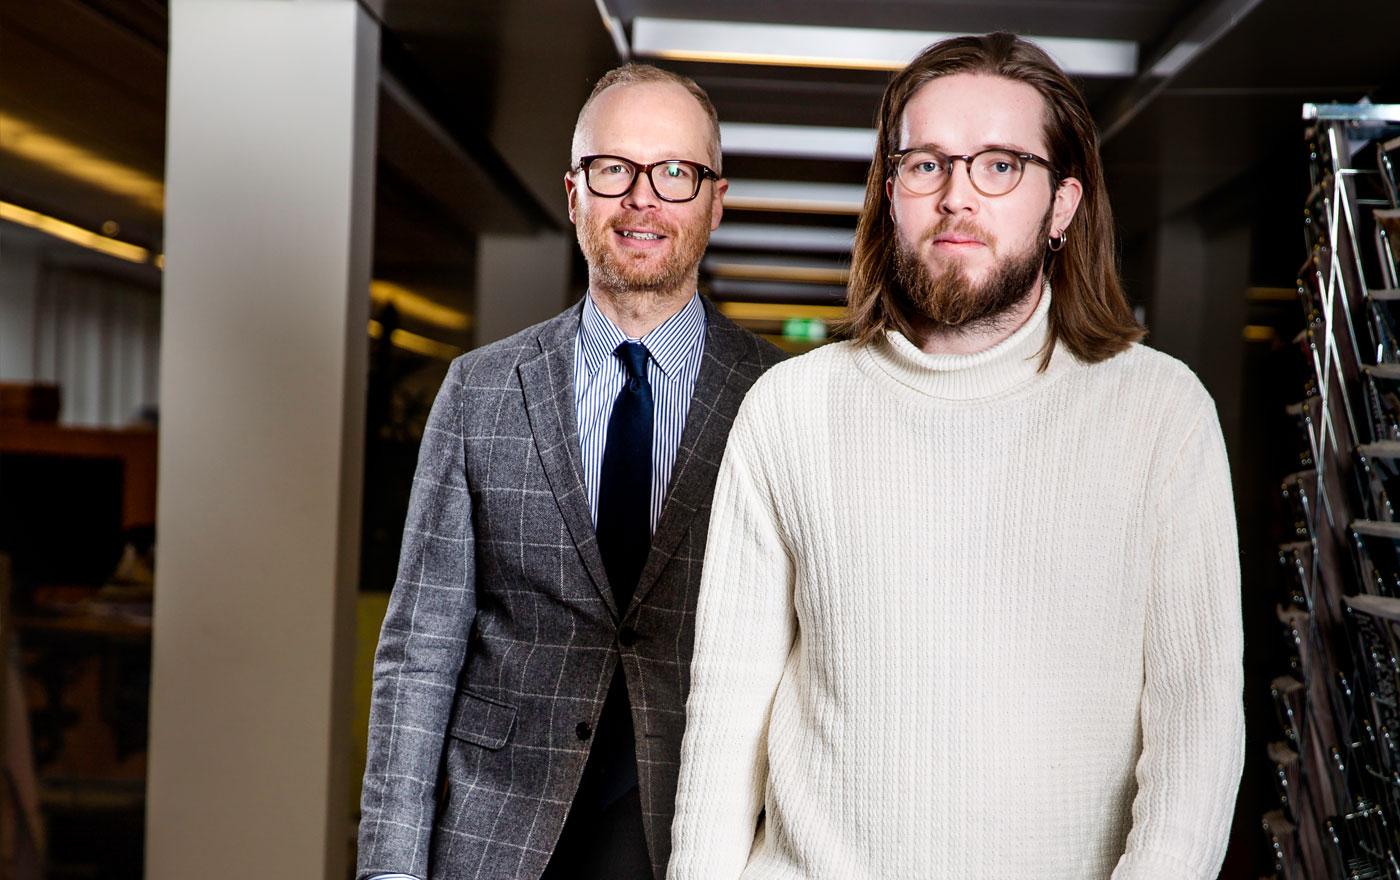 Henrik Ek är editionschef på Metro. David Peterson är redaktör för Viralgranskaren. Avdelningen är både en trafikdragare och viktig för Metros varumärke.